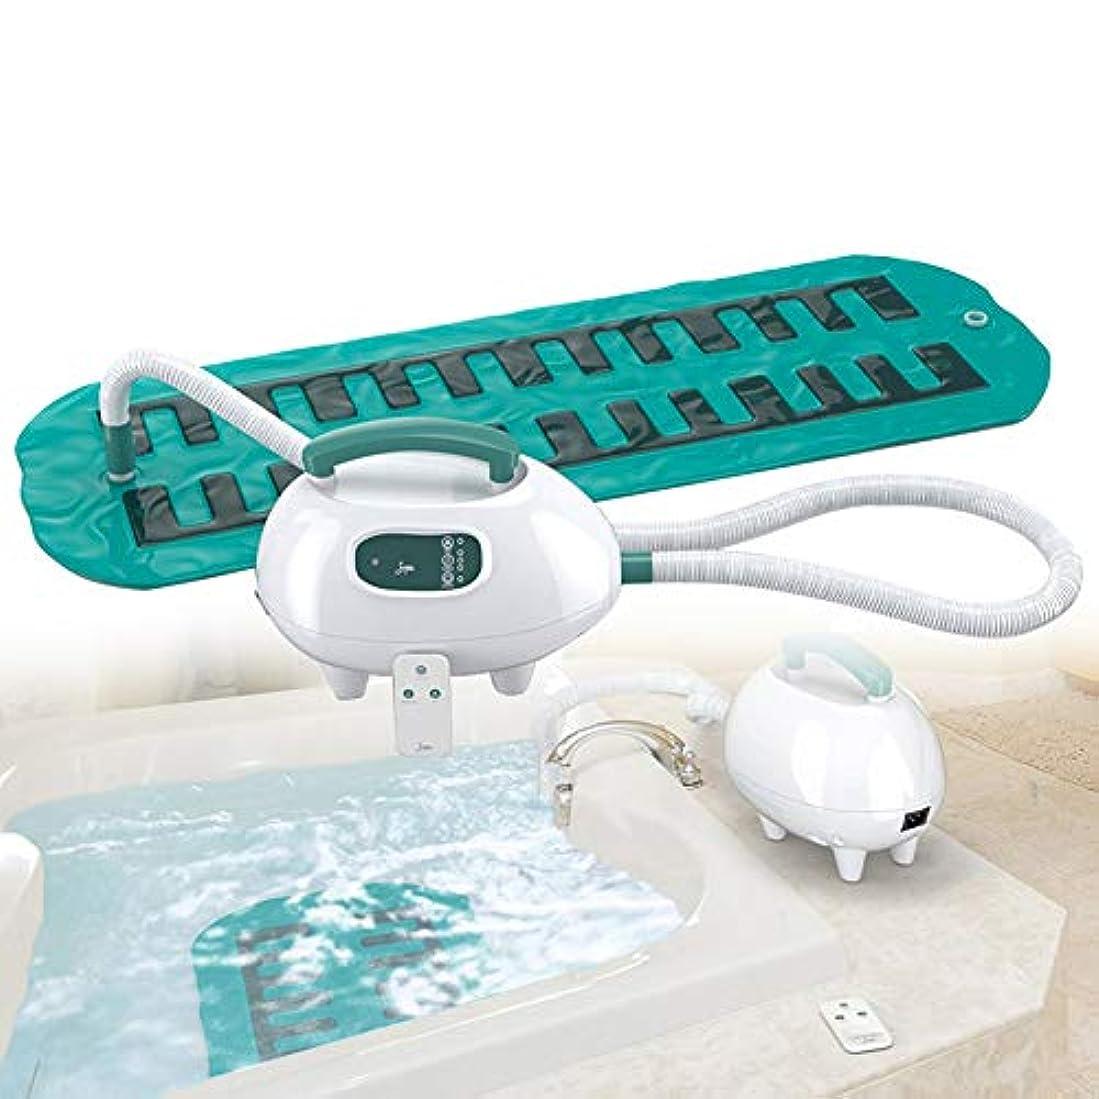 チャーム転倒刺す贅沢 スパ バブル 浴 浴槽 マッサージ師、 ポータブル スパ 空気 浴槽 防水 滑り止め マット にとって くつろぐ マッサージ 体 と 熱 強力な 3 速度 リモコン & サクションカップ 底